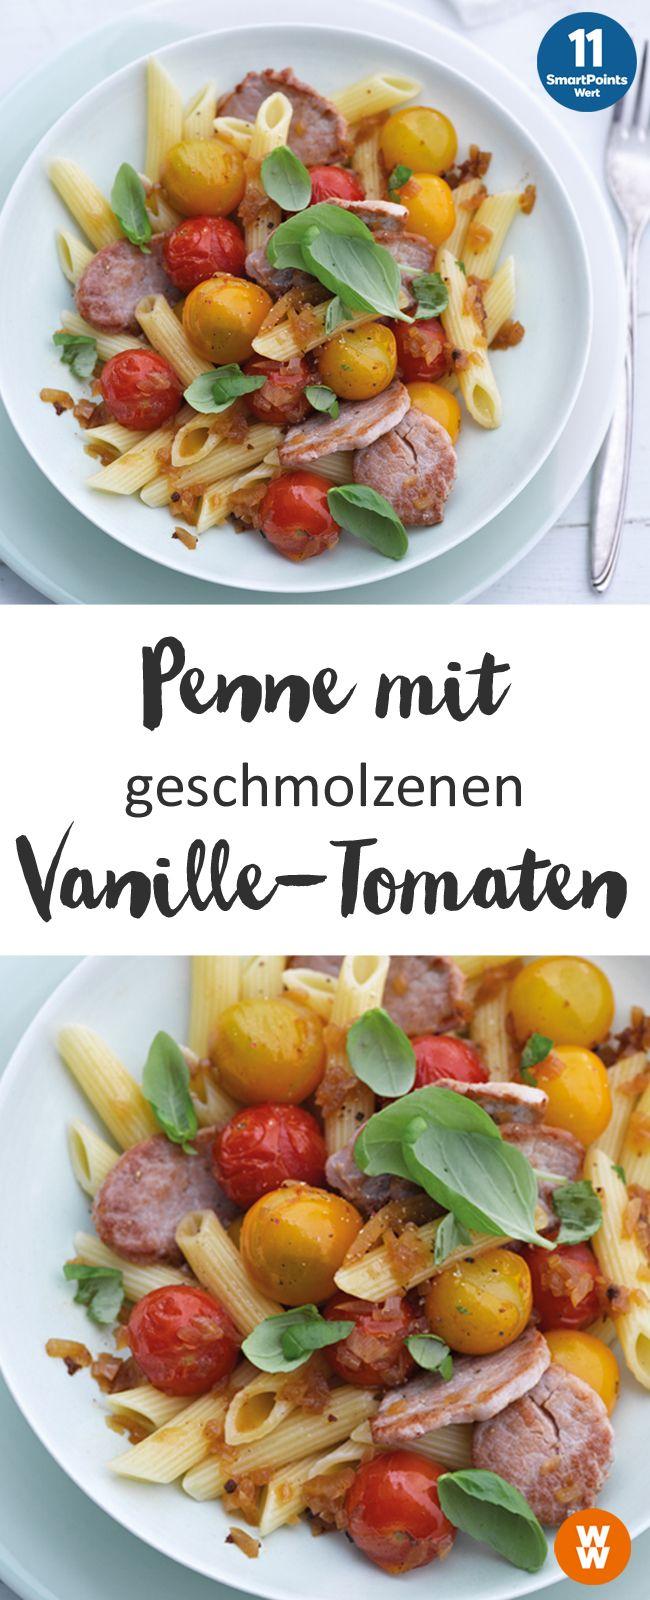 Penne mit geschmolzenen Vanille-Tomaten, Nudeln, Hauptgericht, Mittagessen, Abendessen | Weight Watchers